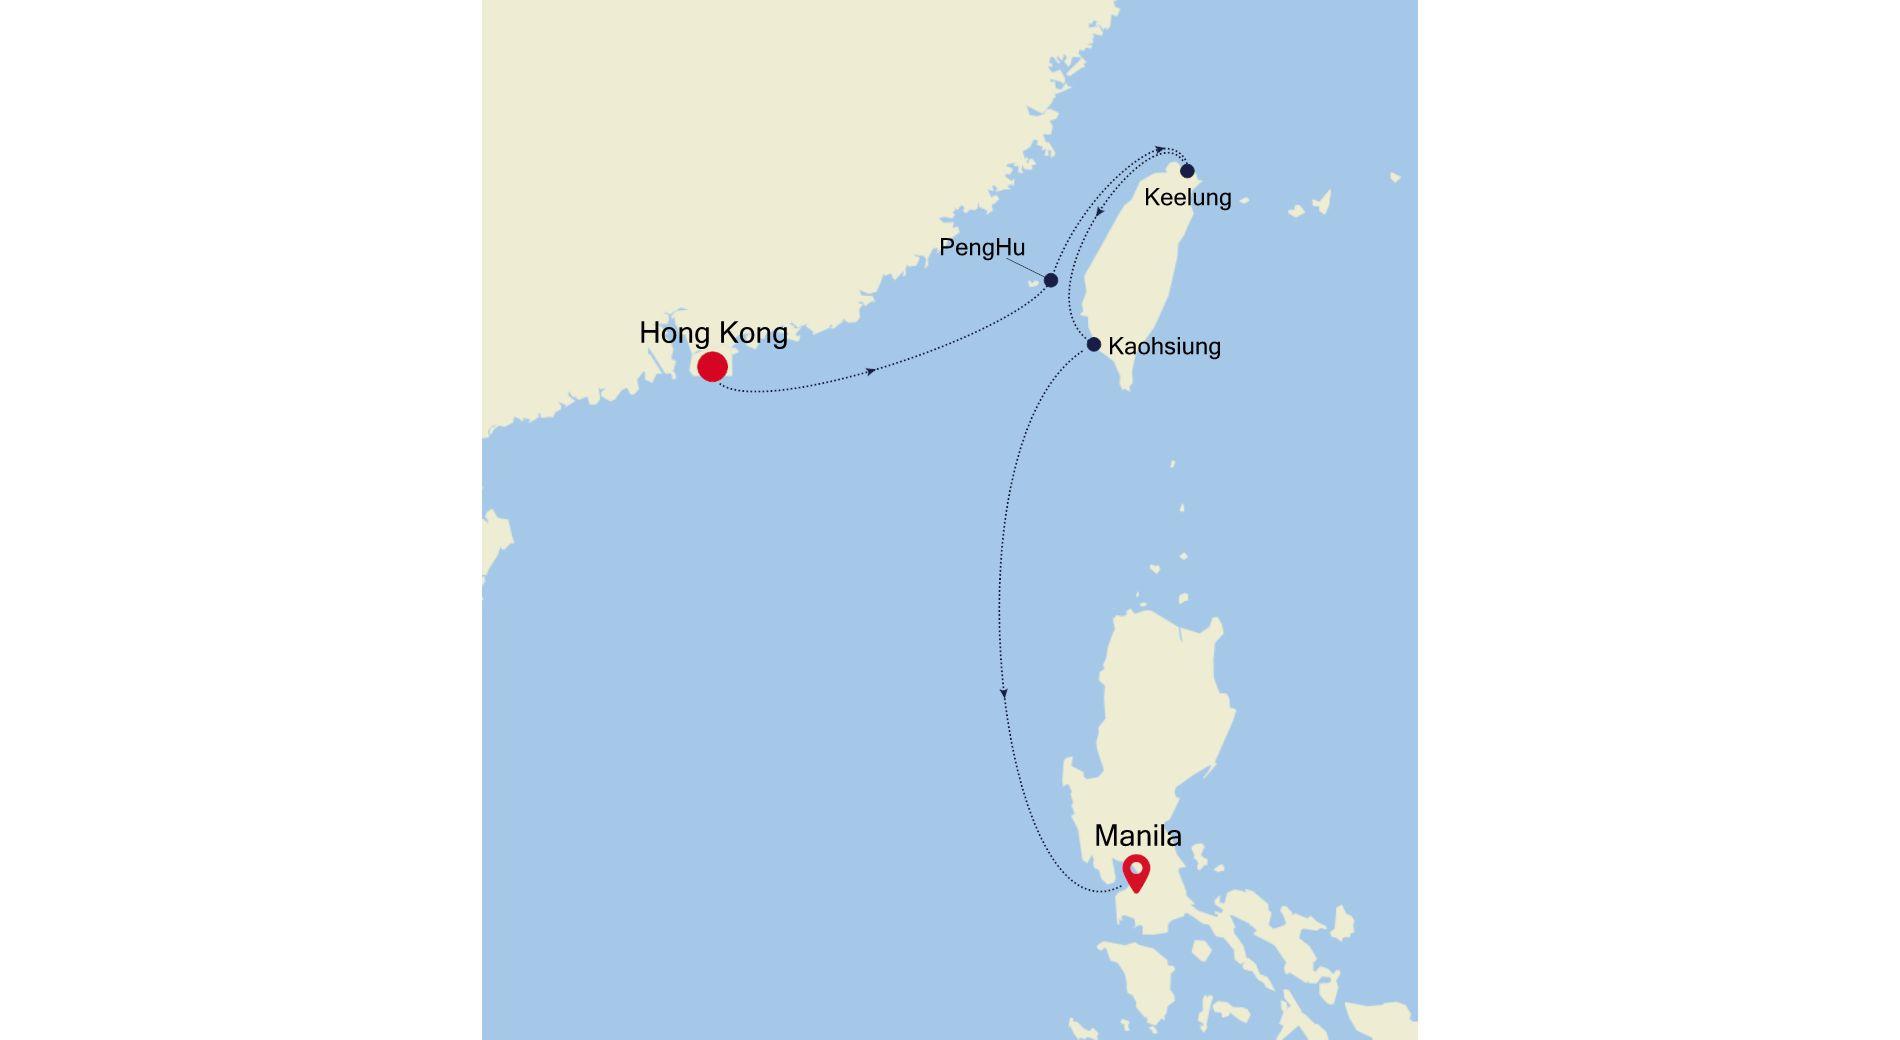 SL210104S06 - Hong Kong à Manila